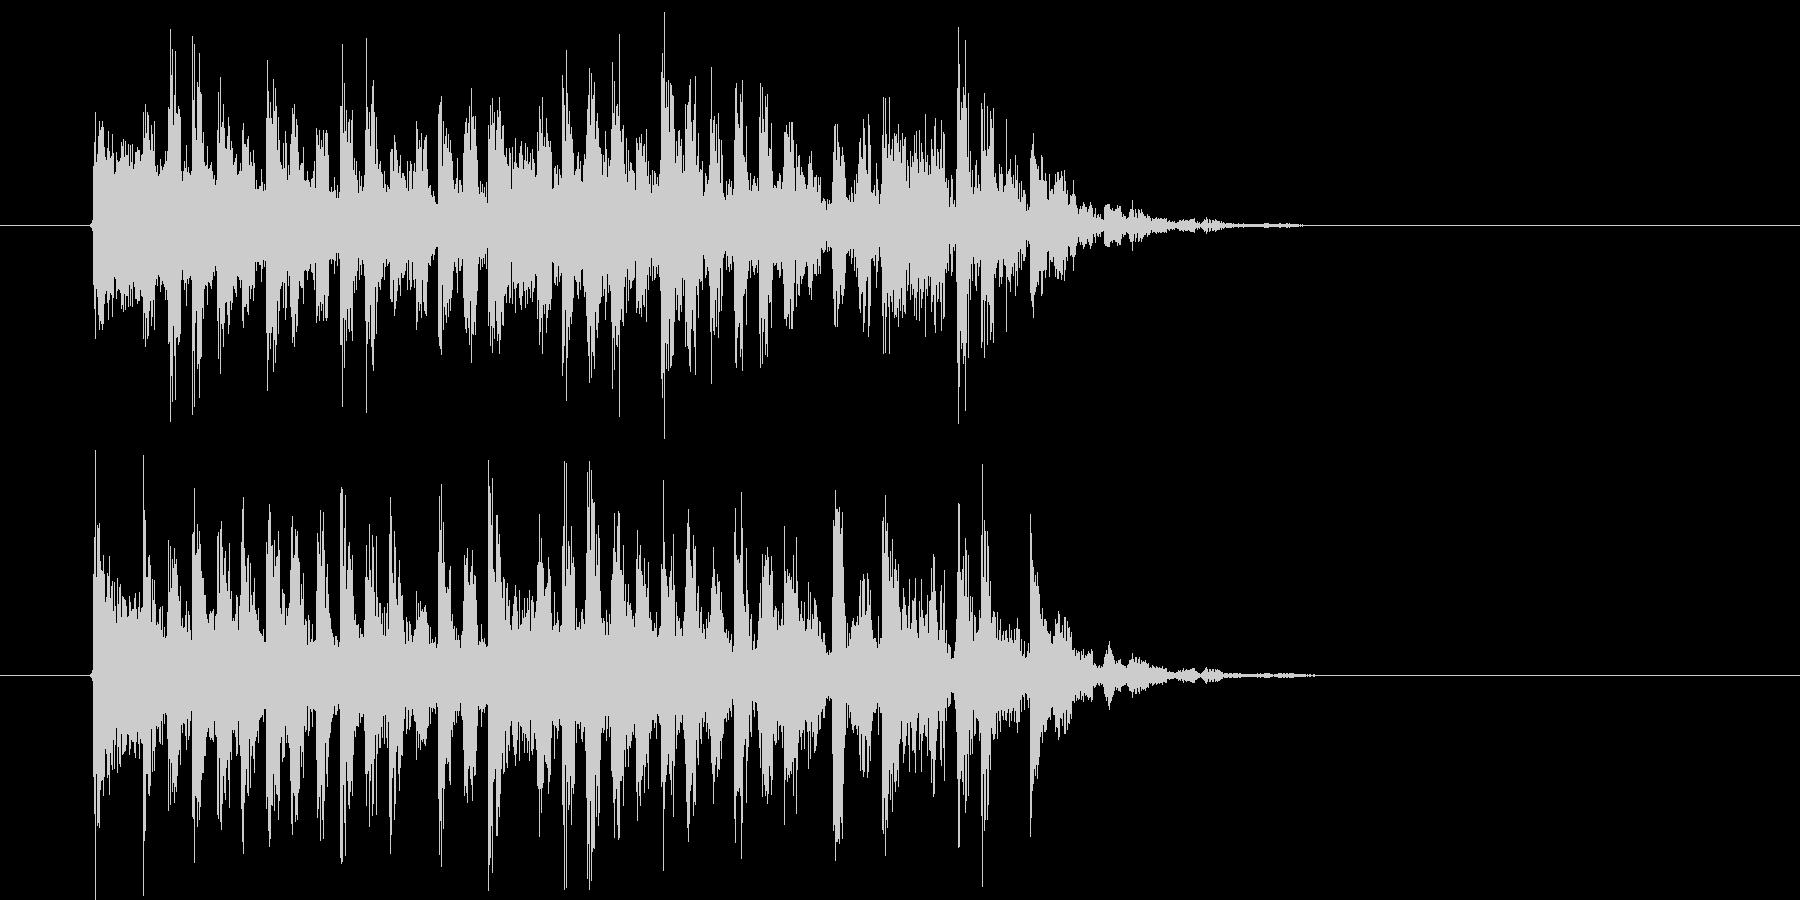 悠長でリズミカルなシンセポップジングルの未再生の波形